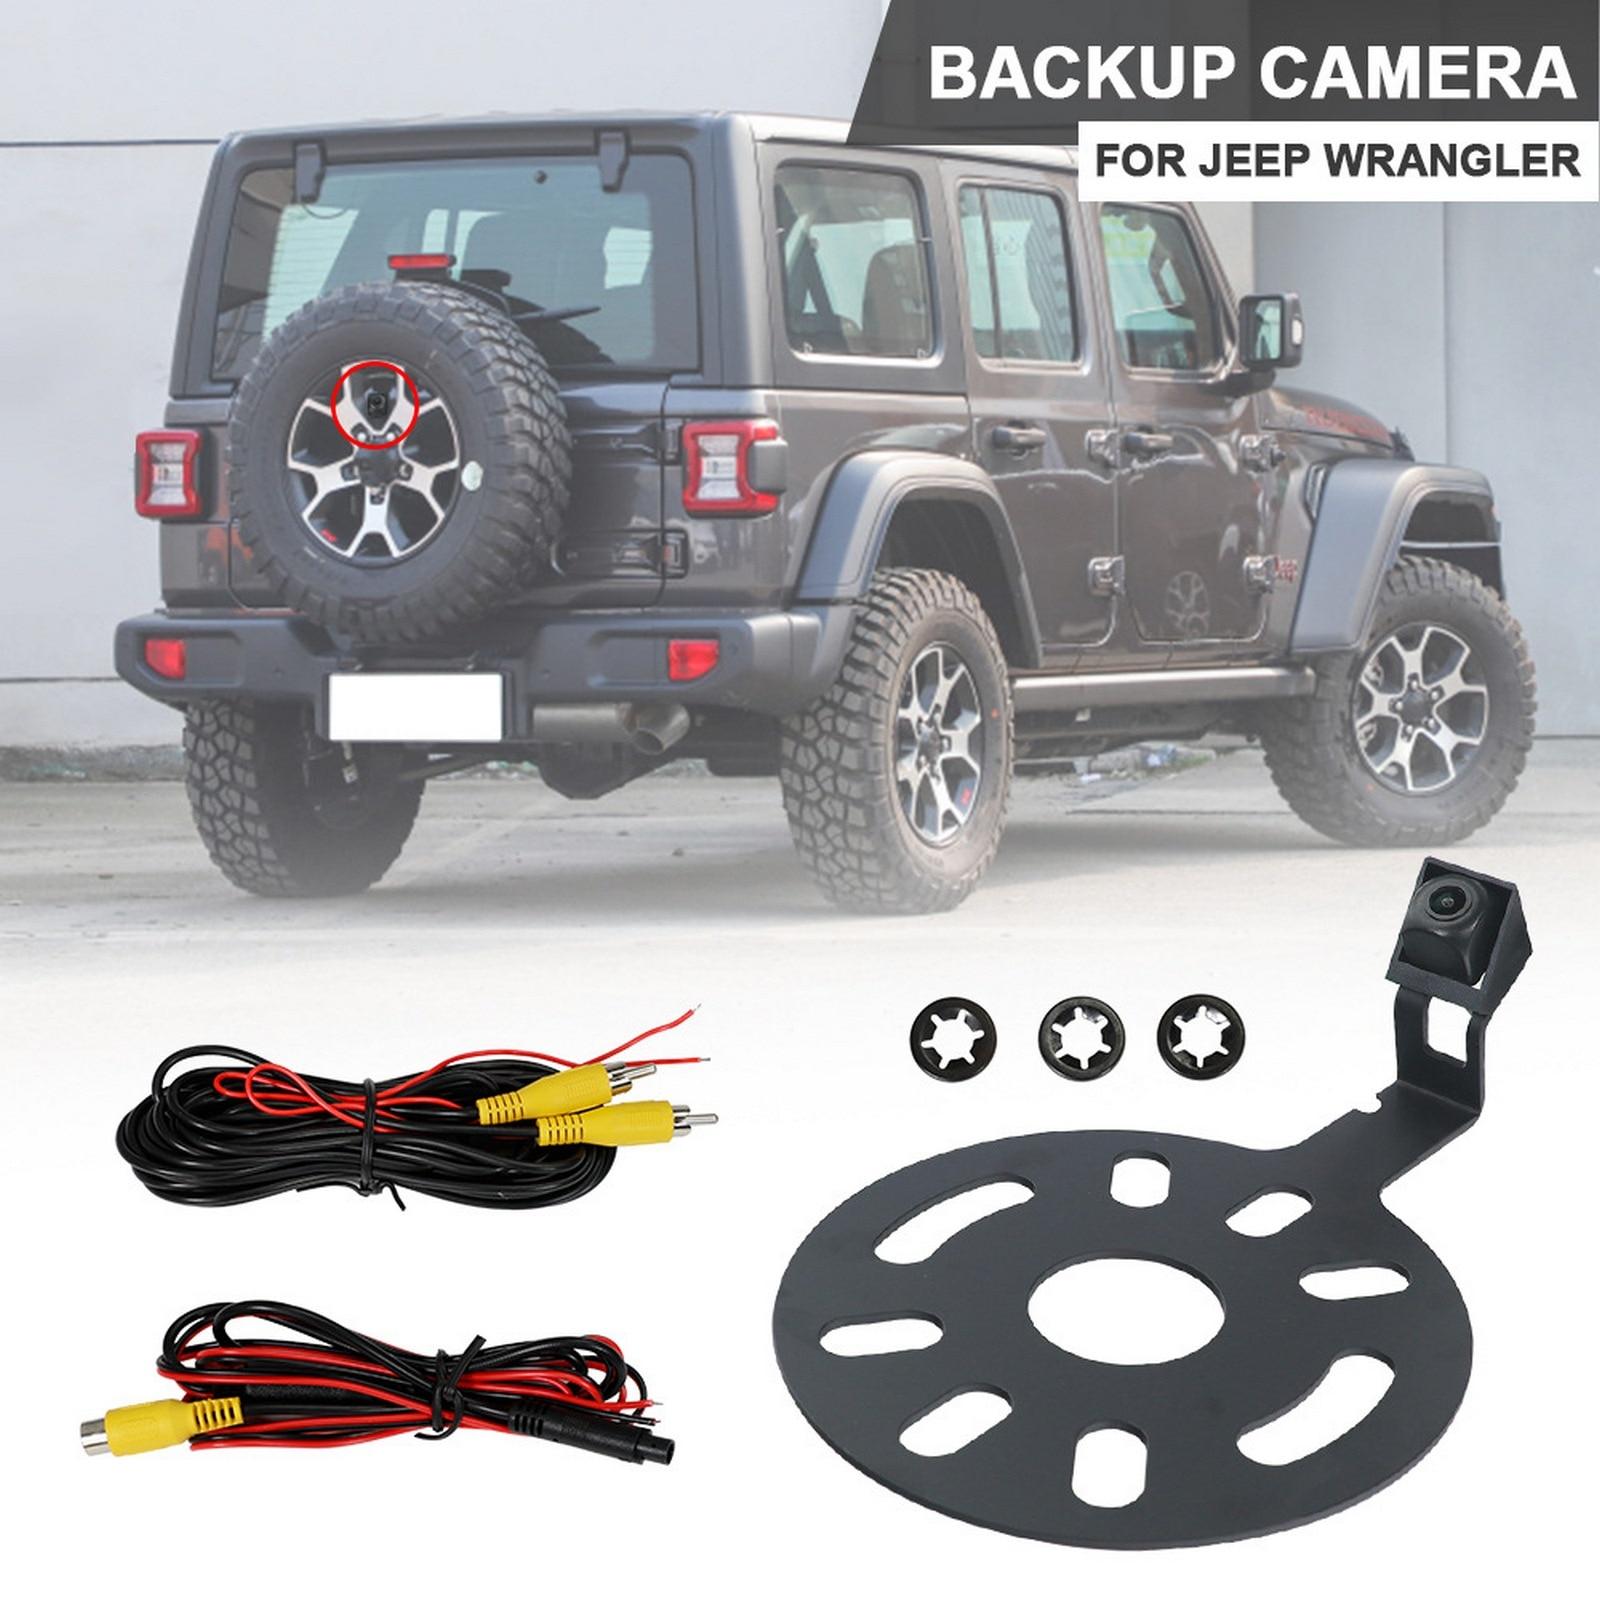 Автомобильная камера заднего вида для Jeep Wrangler, новая IP67 водонепроницаемая резервная камера заднего вида для Wrangler + OEM радио Видео жгут